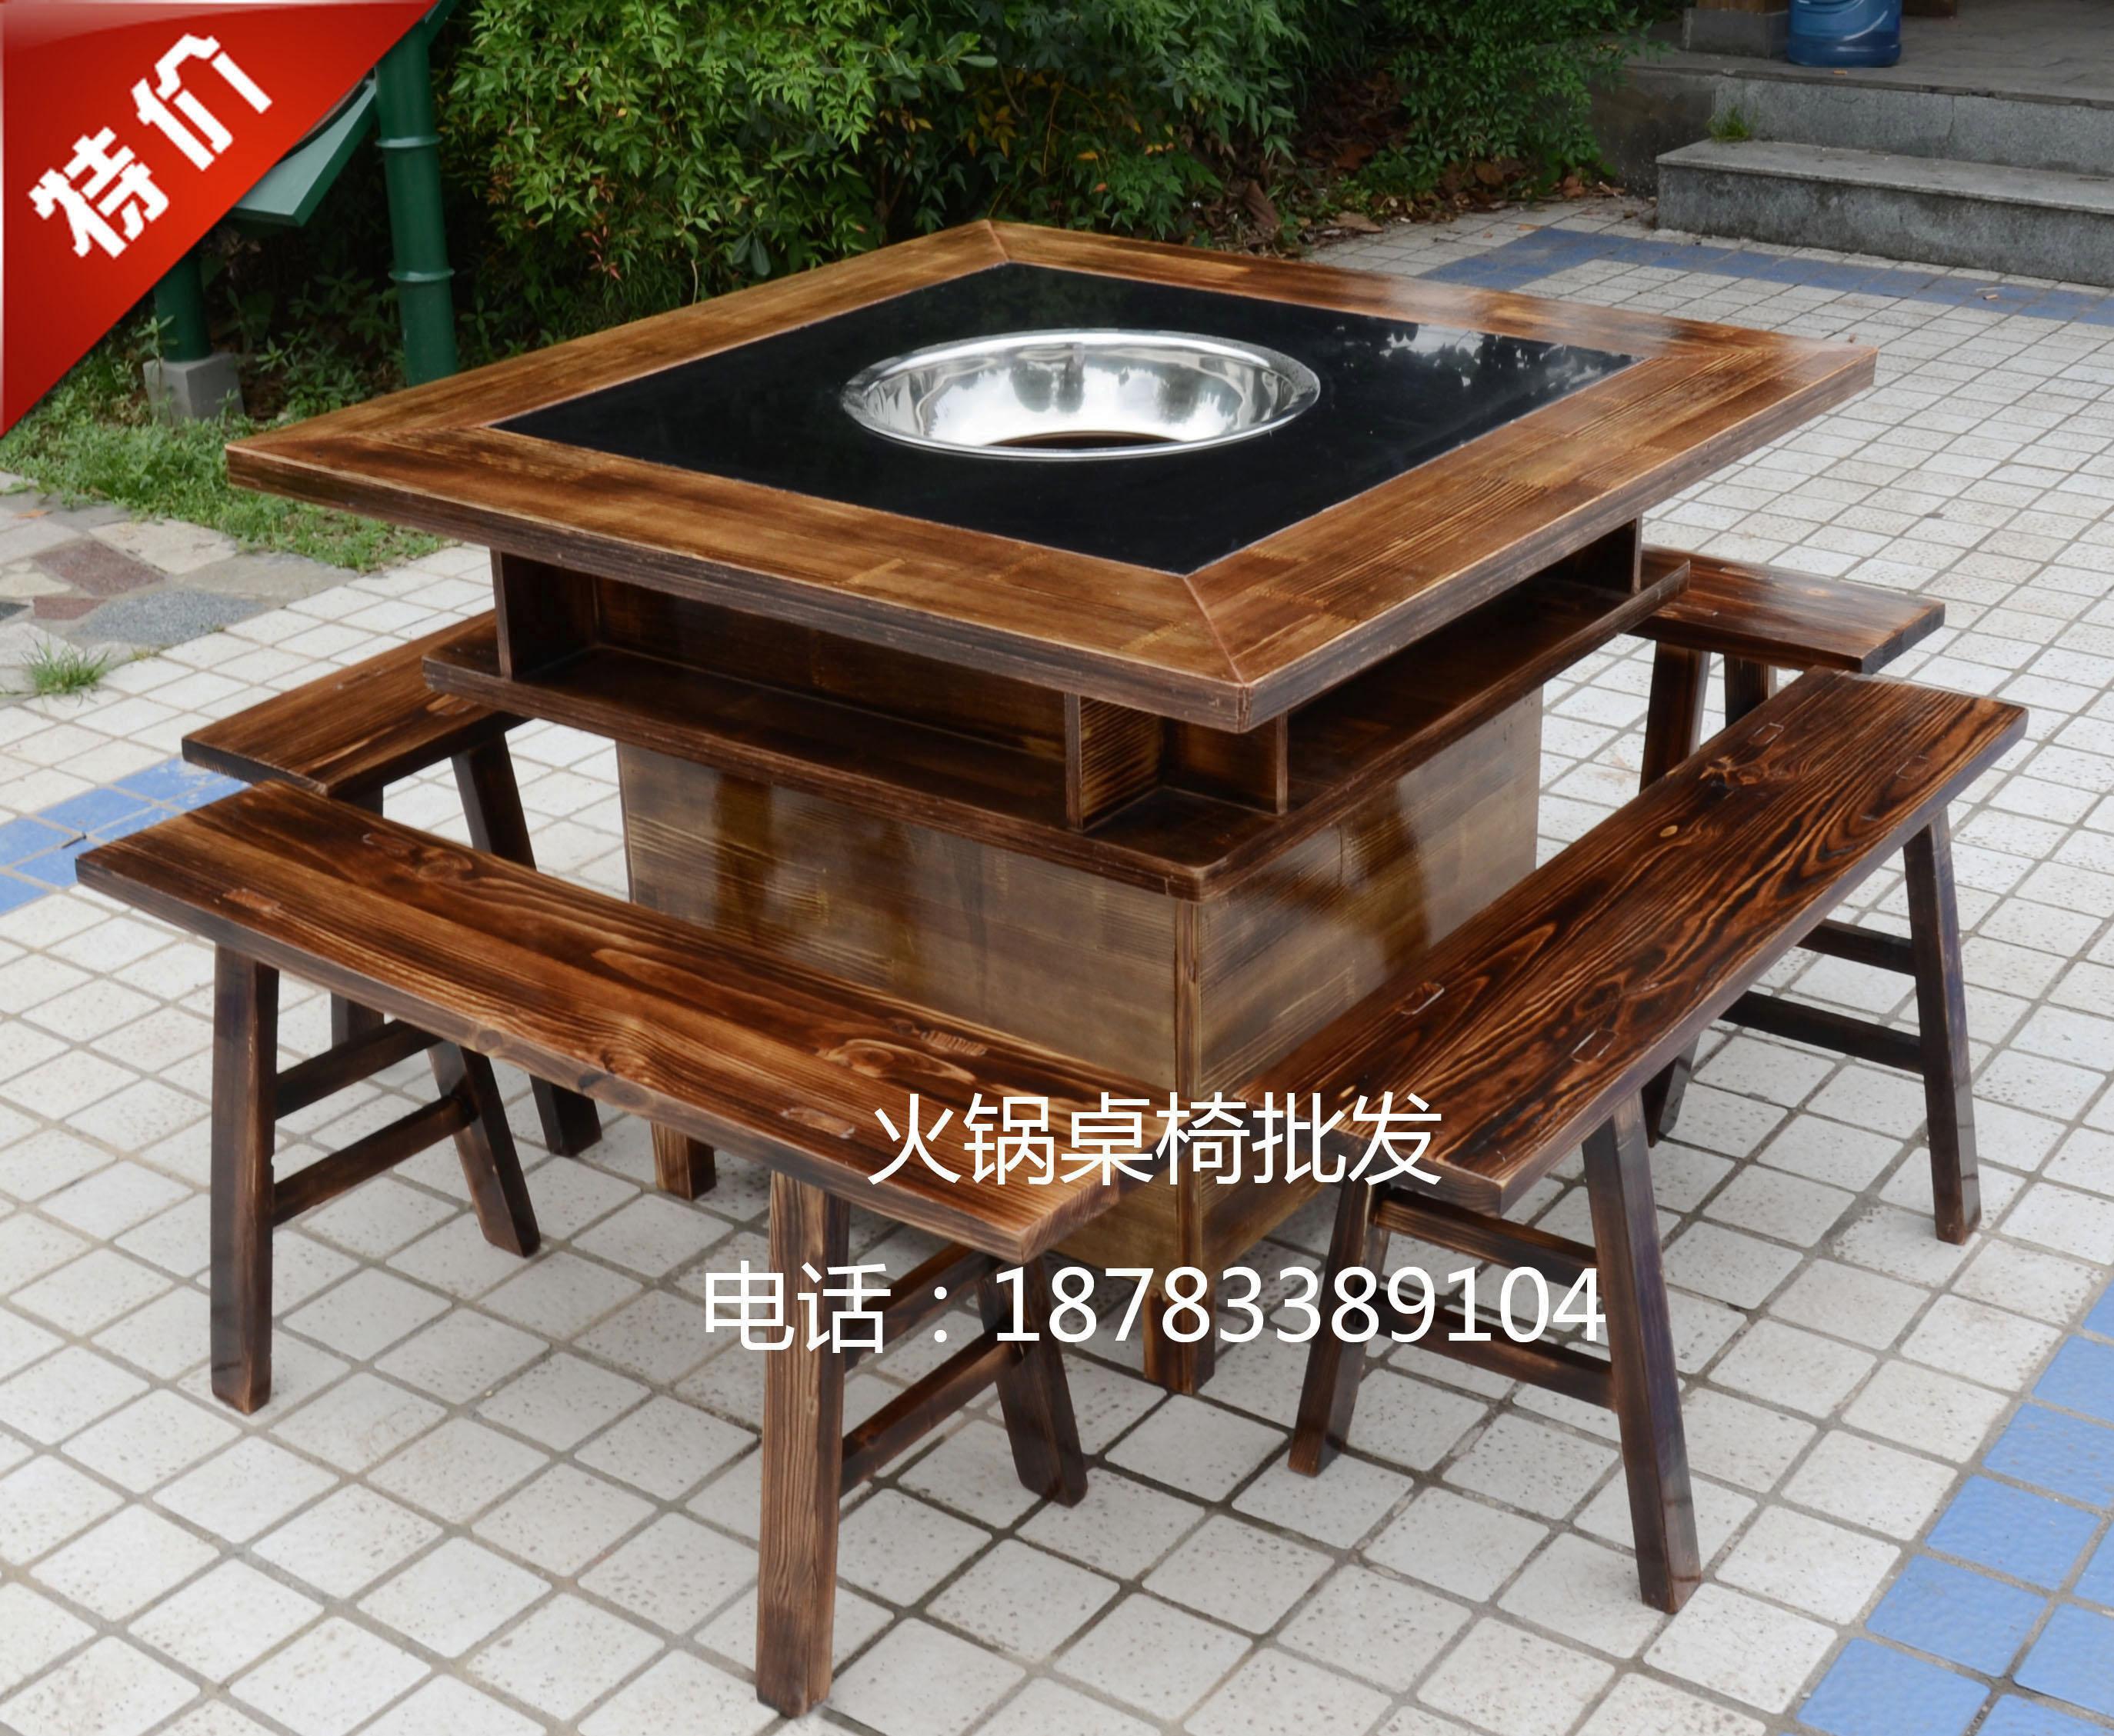 火锅桌重庆老火锅桌椅